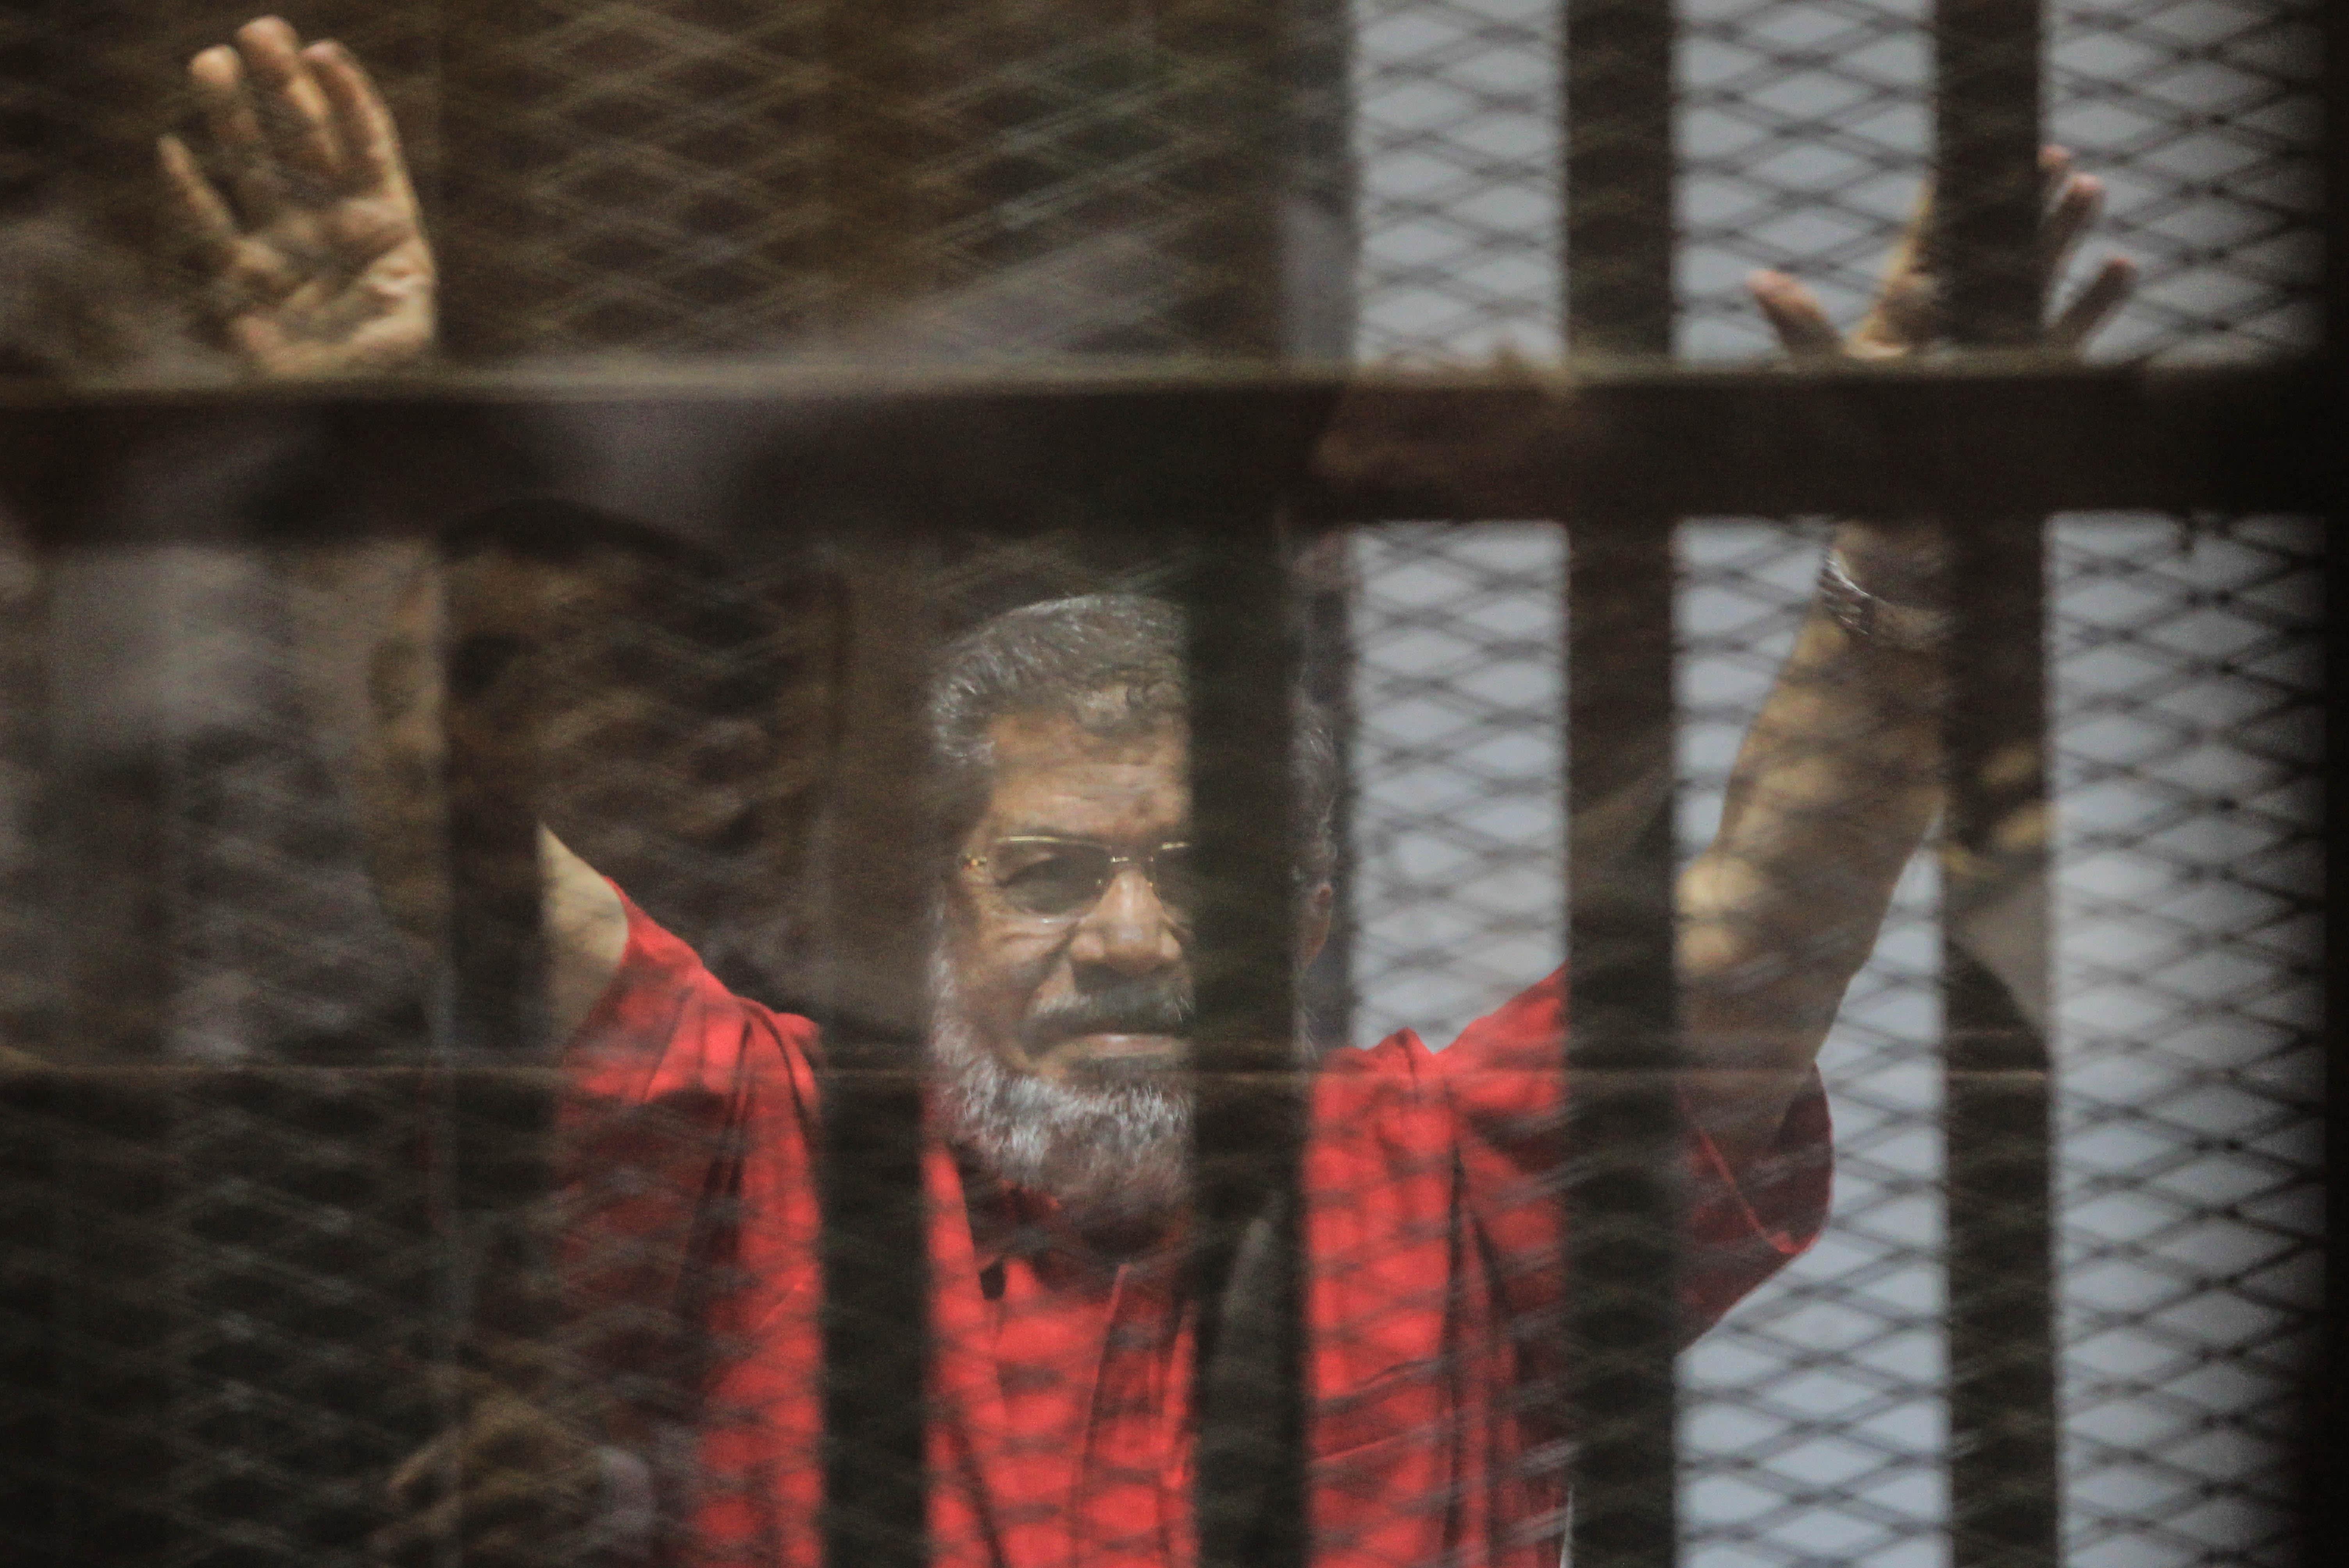 Egyptin syrjäytetty presidentti Muhammad Mursi elehti kameroille vakoiluoikeudenkäynnissä Kairossa lauantaina.